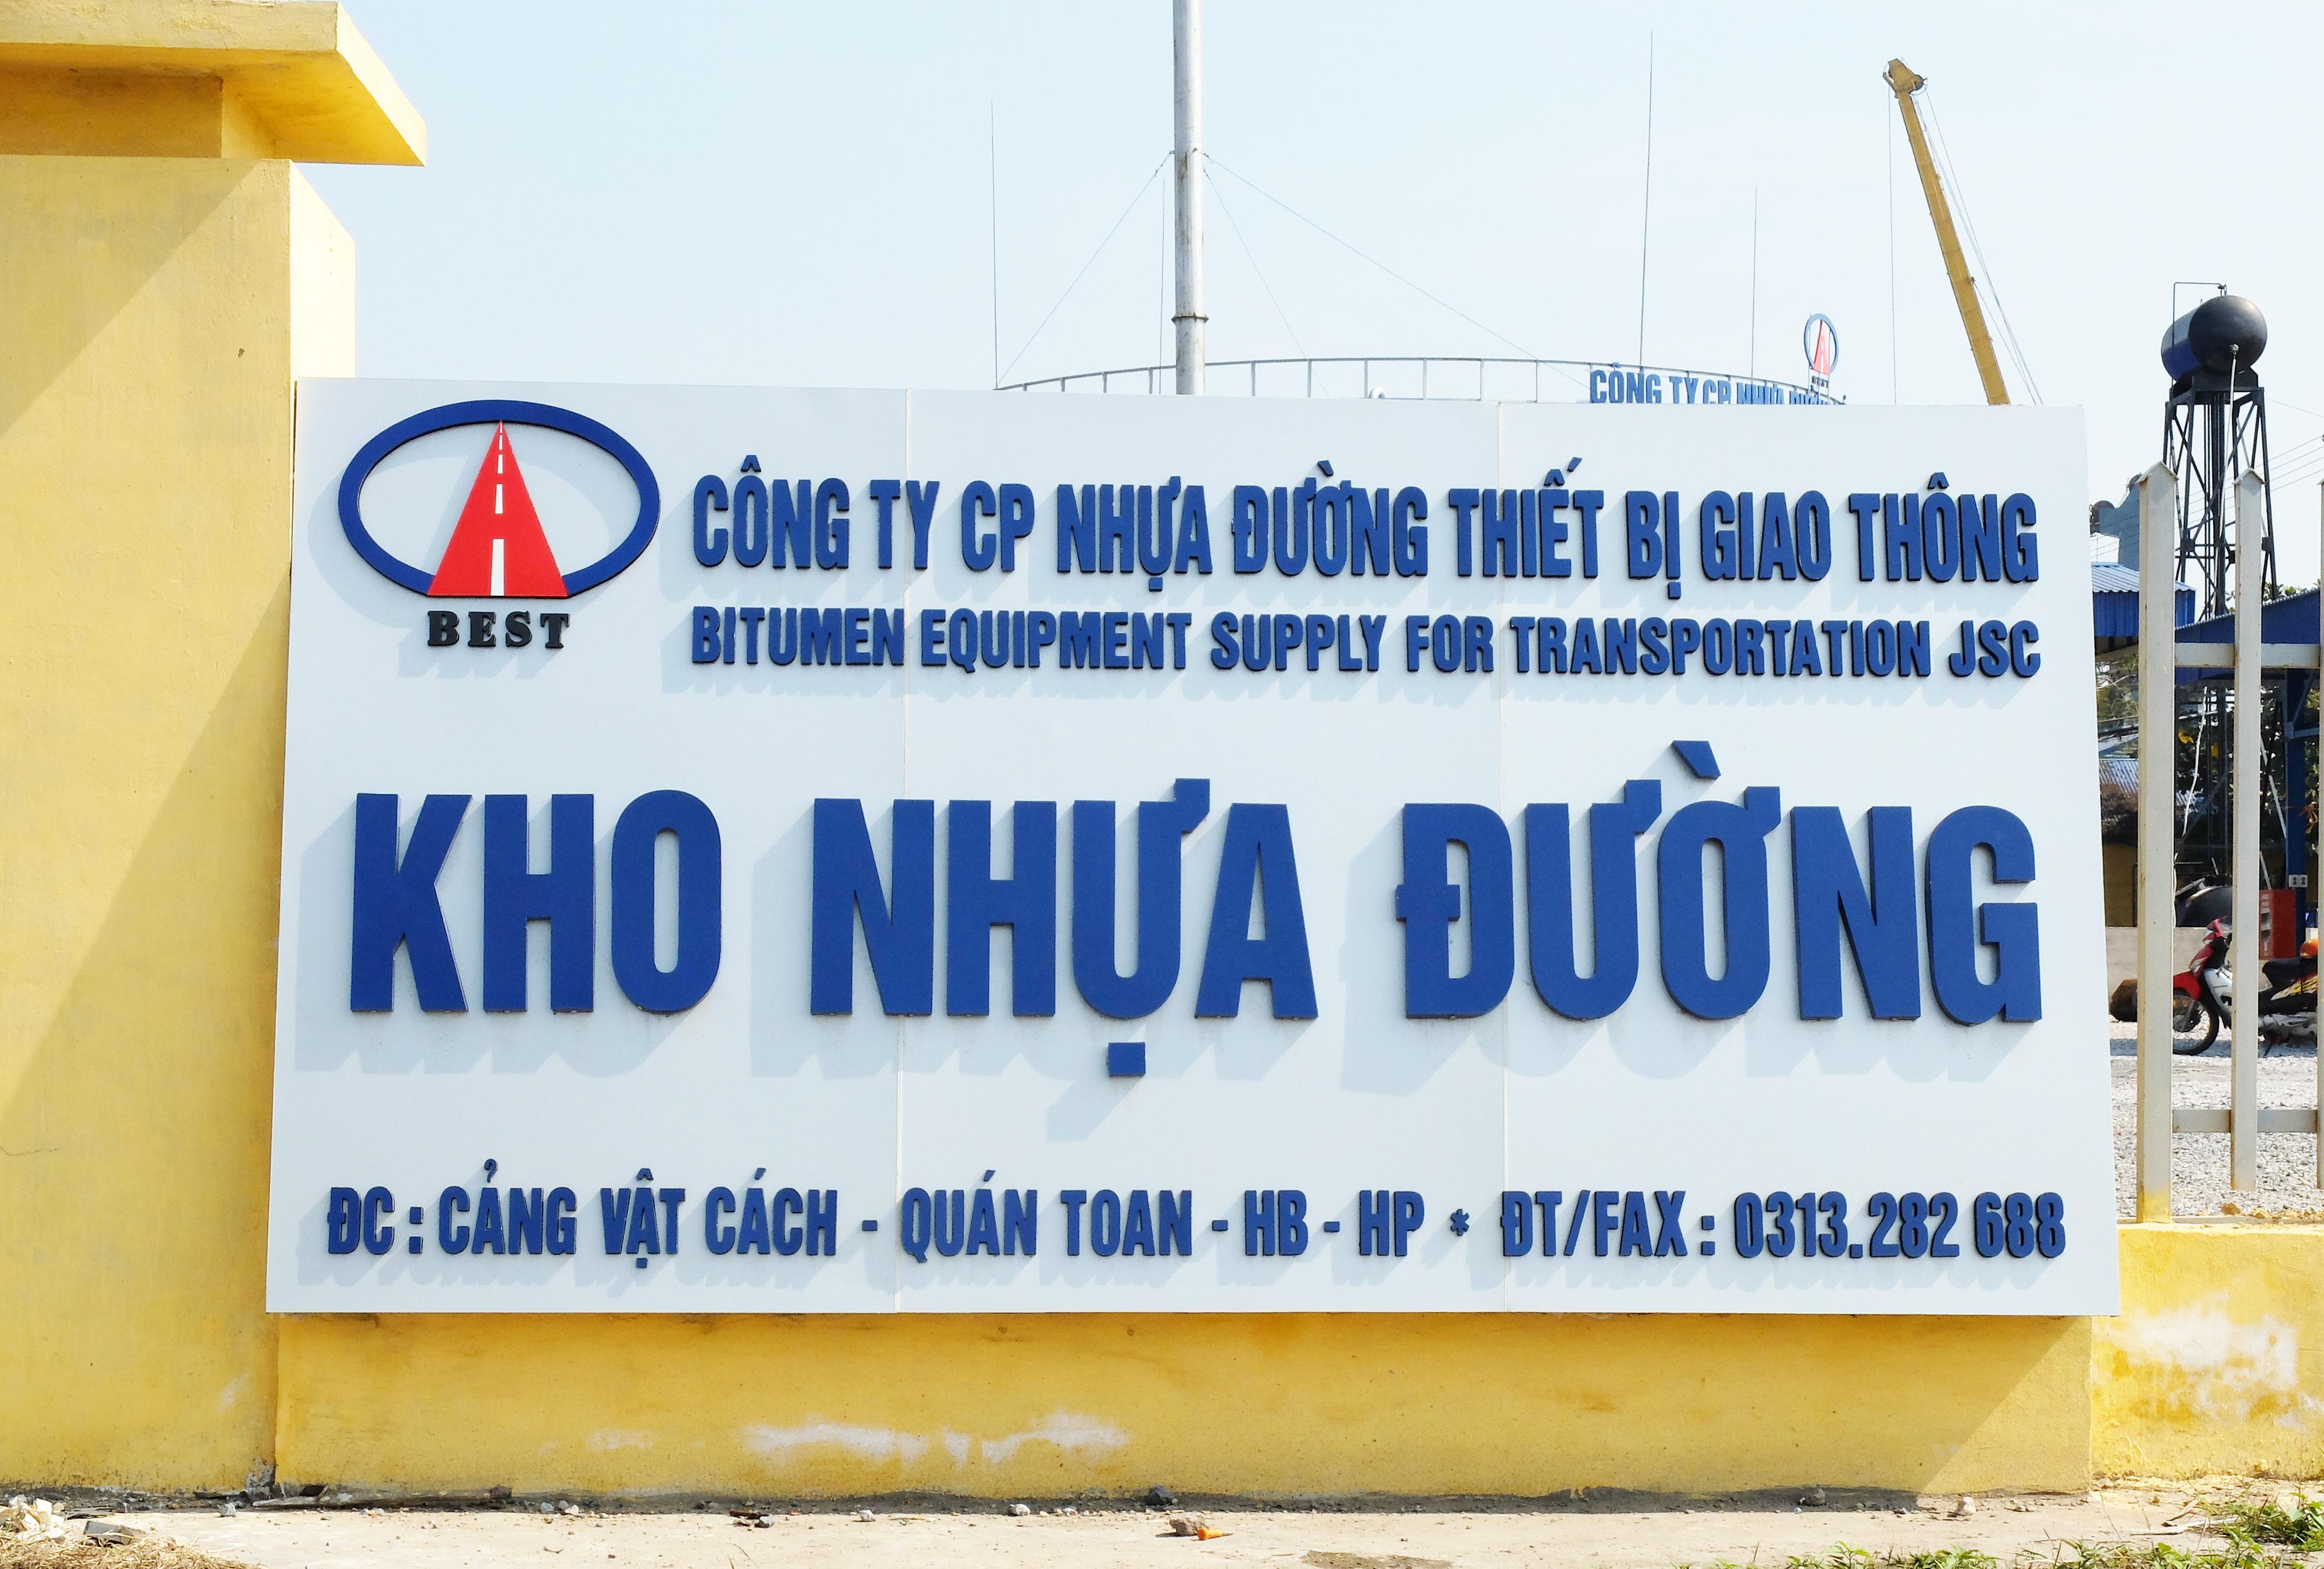 http://nhuaduong.net.vn/images/trangchu//dscf5492.jpg